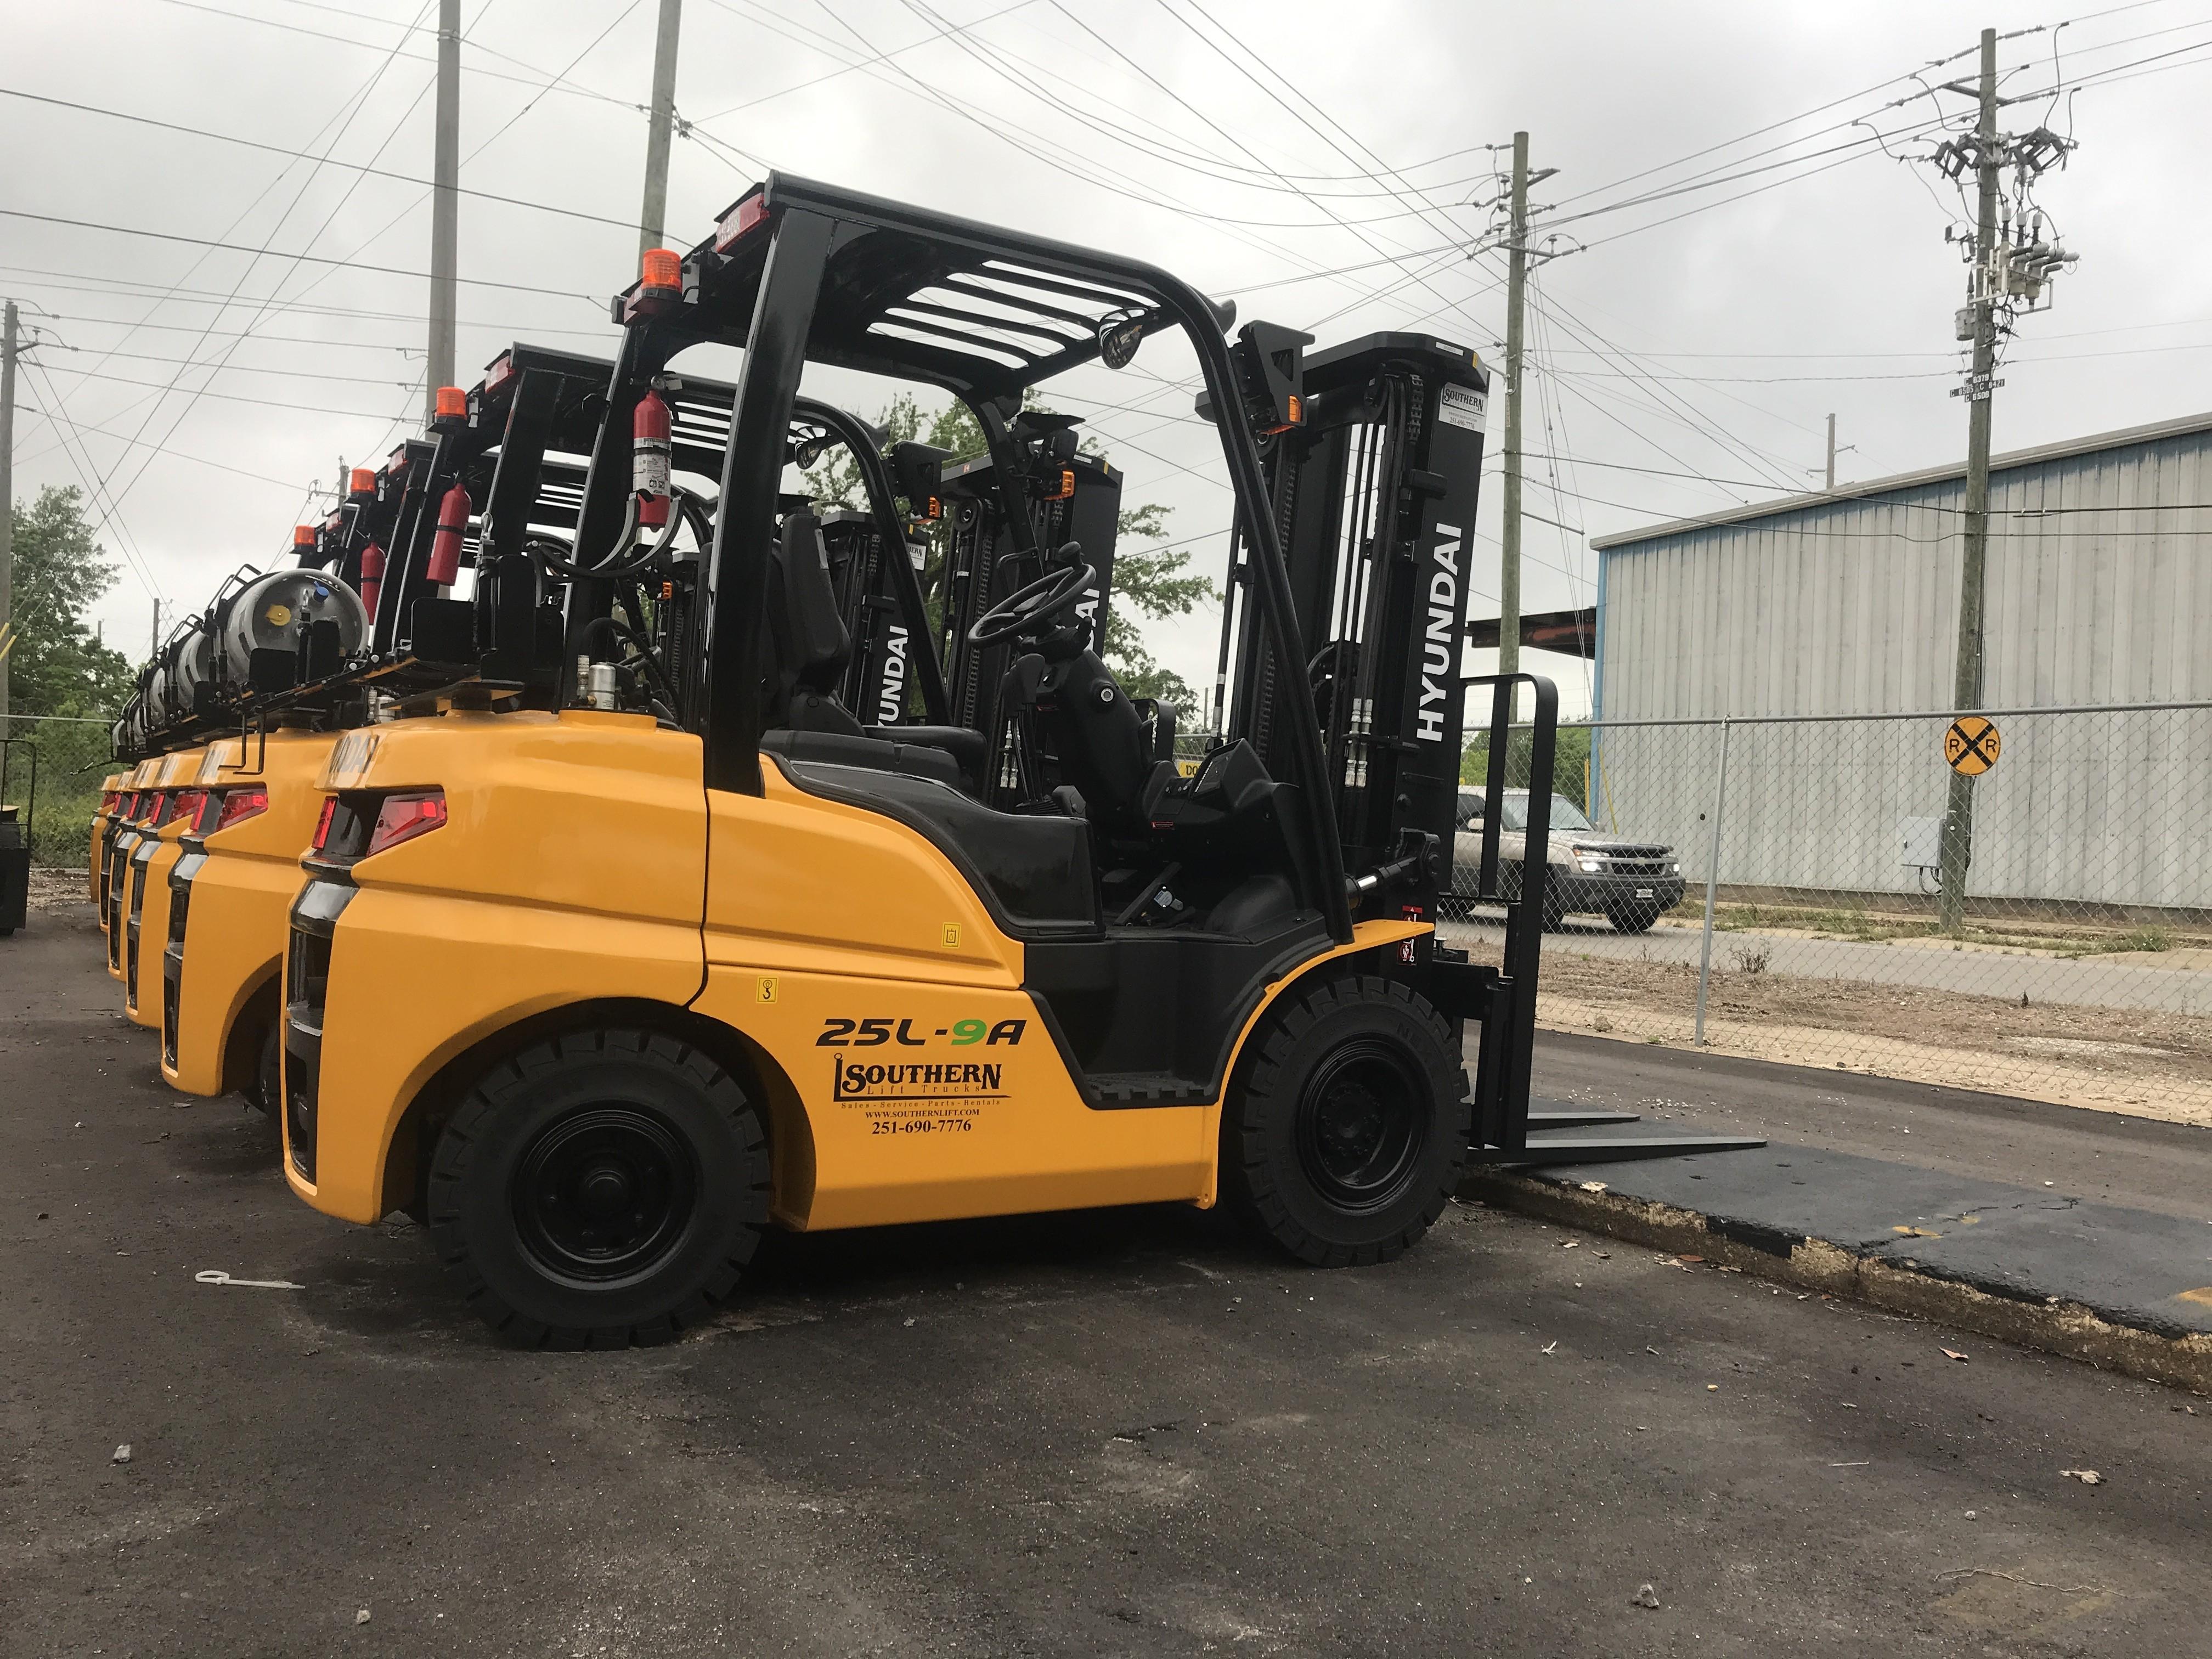 New, 2021, Hyundai, 25L-9, Forklifts / Lift Trucks